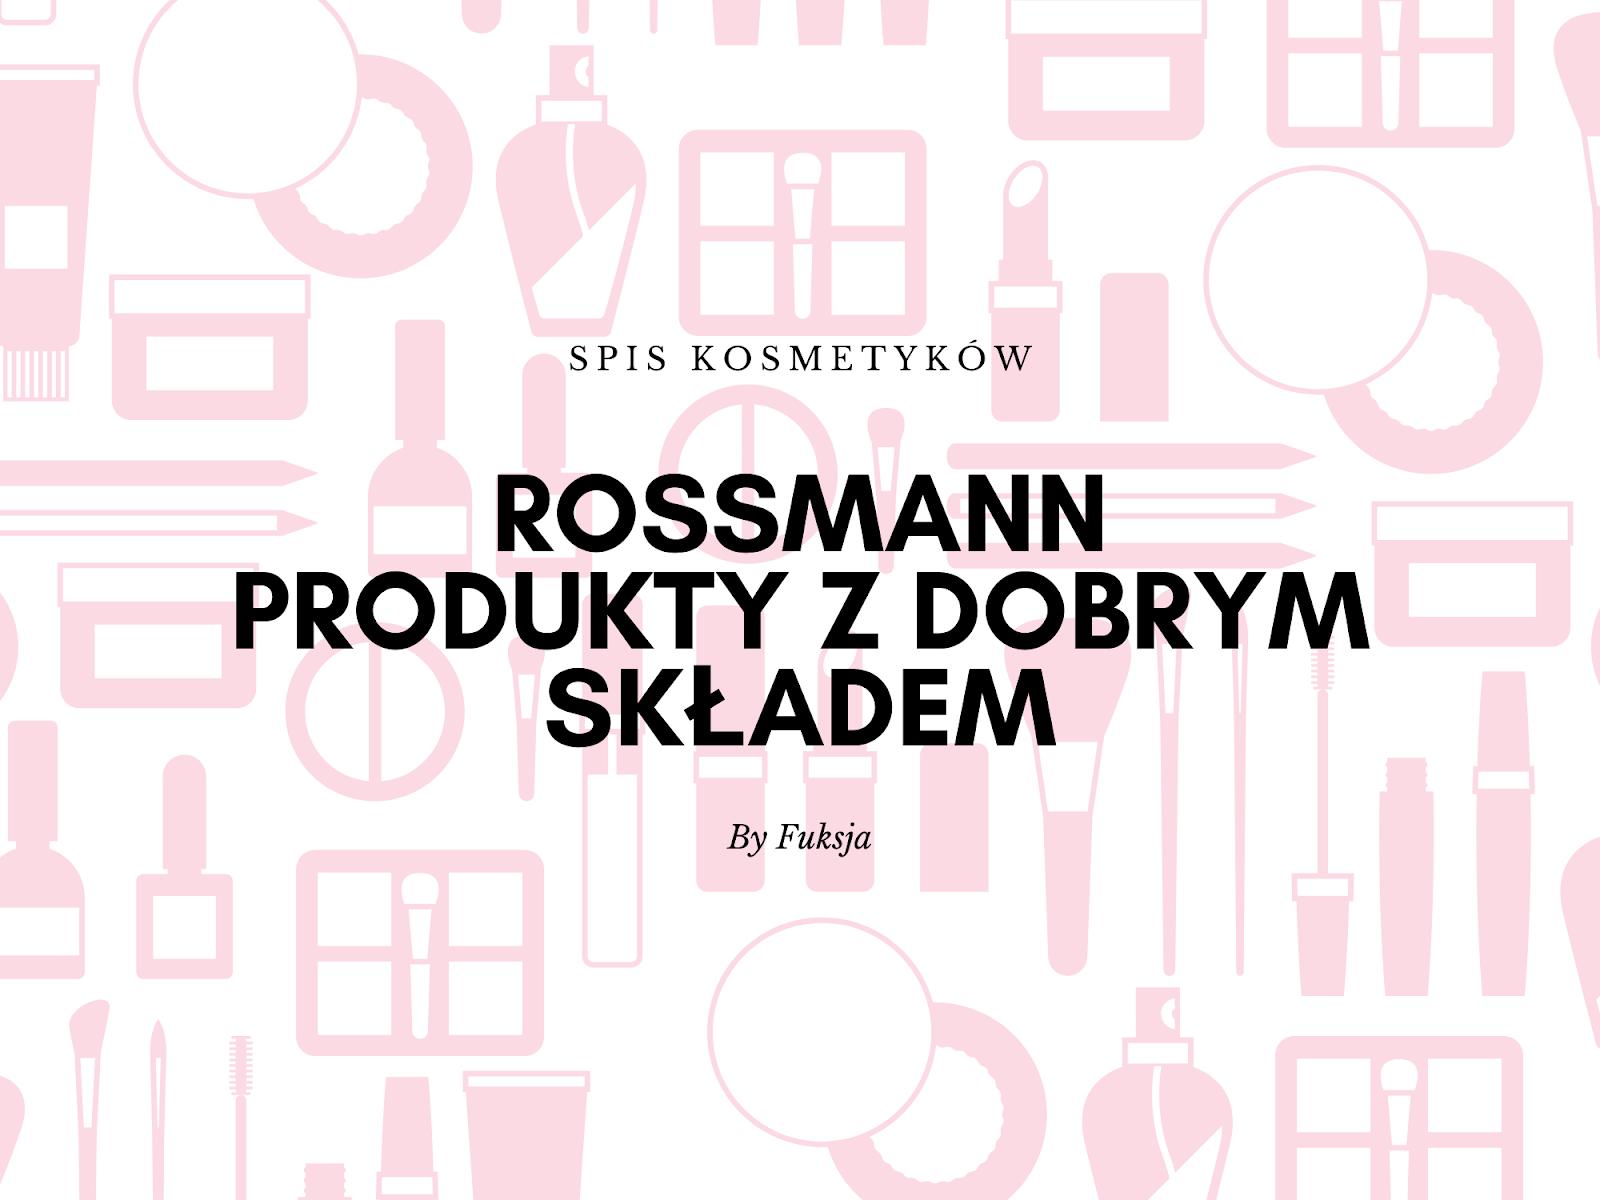 Rossmann - co dostaniemy tam z dobrym składem?